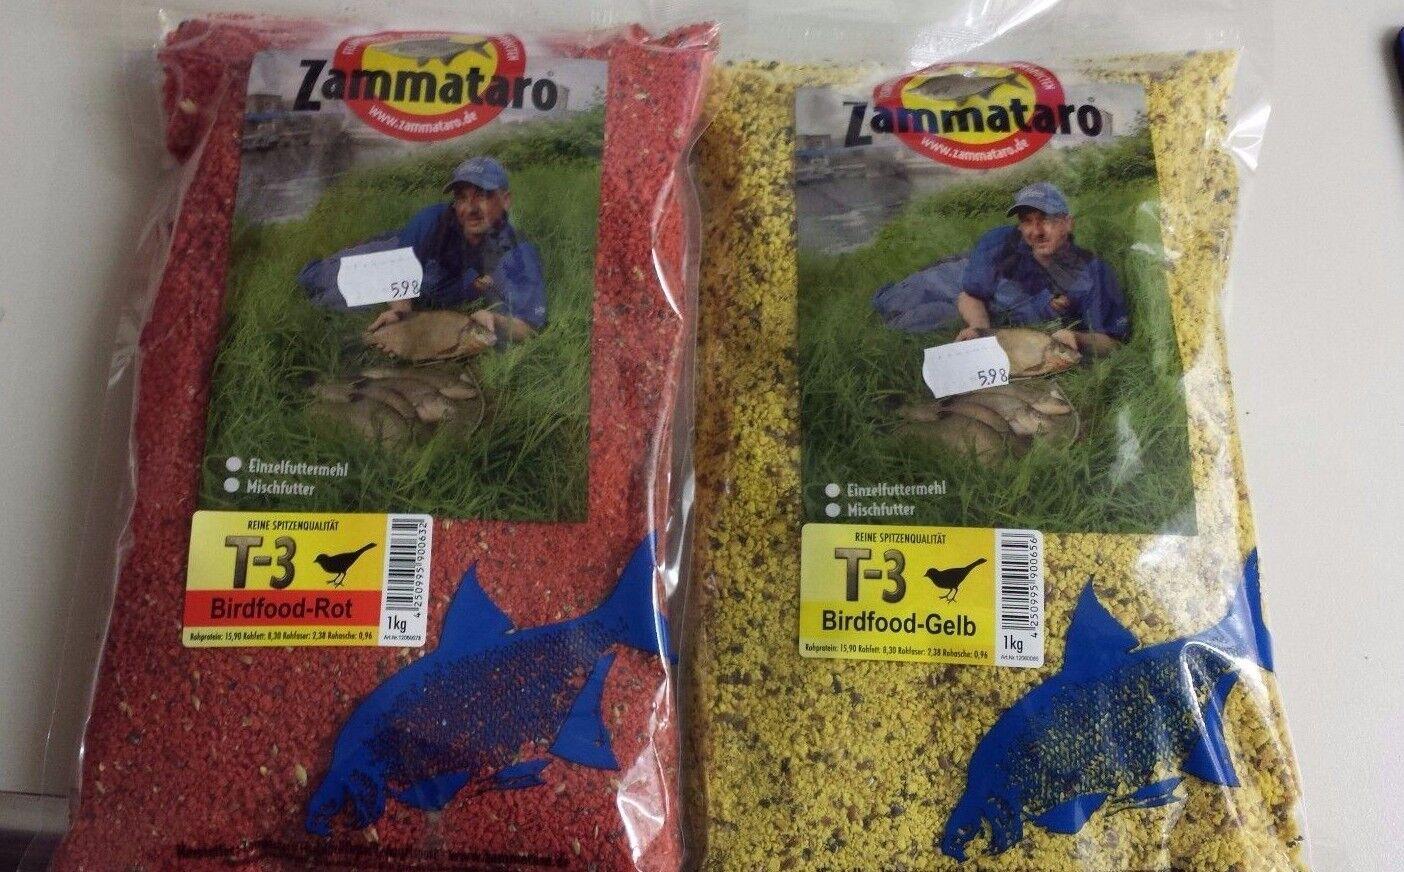 Zammataro Birdfood T-3, Gelb, Grün und Rot, 1 kg Beutel, Grundpreis 0,598€/100g